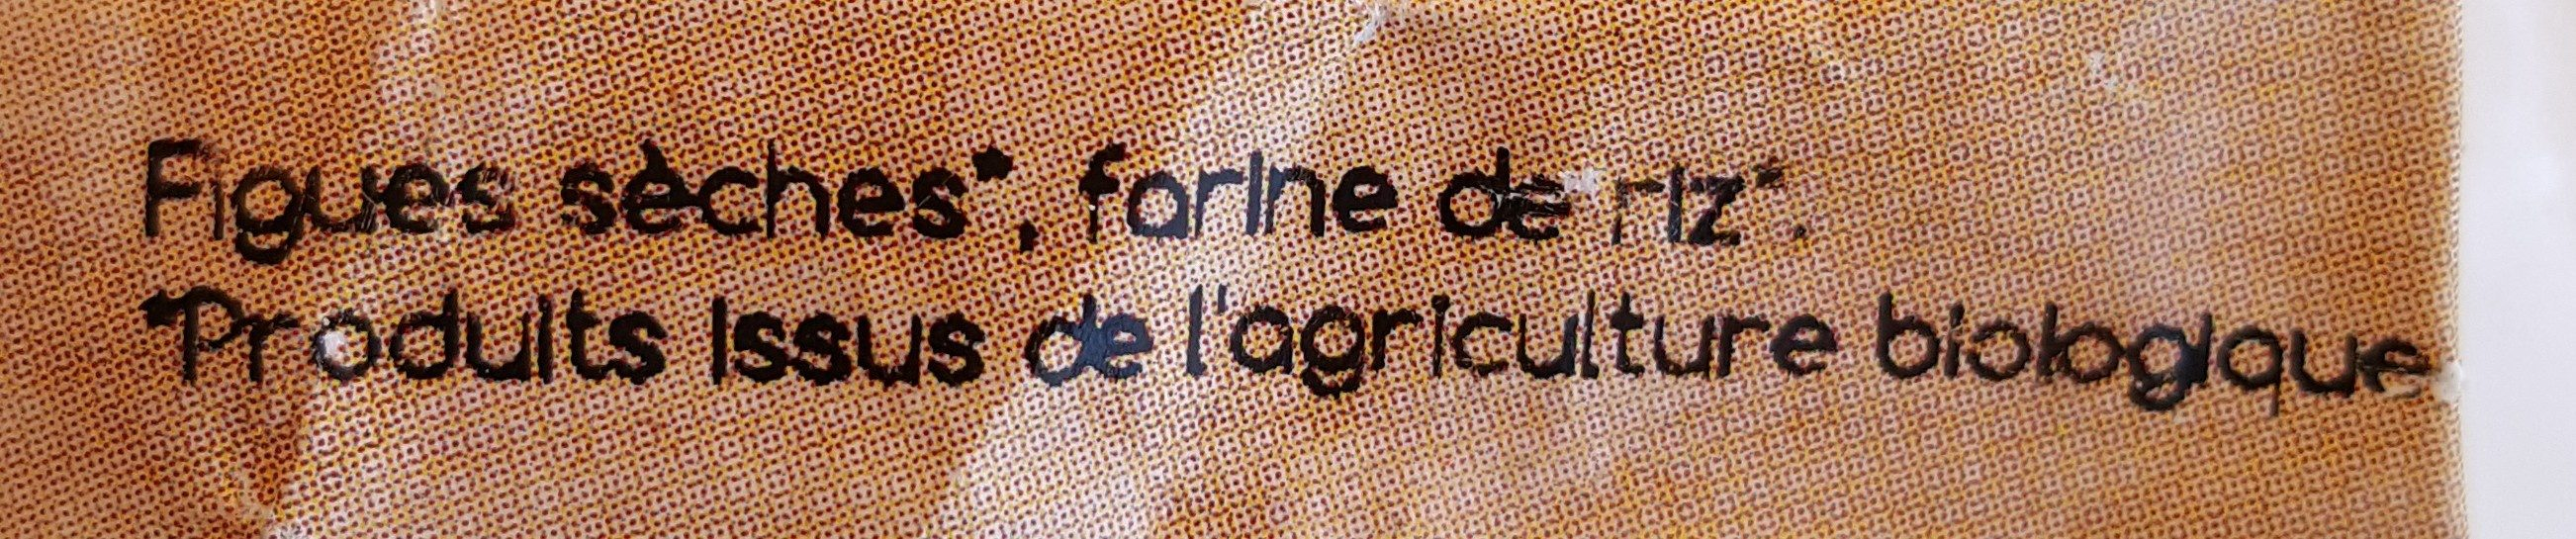 Figuettes - Ingrédients - fr